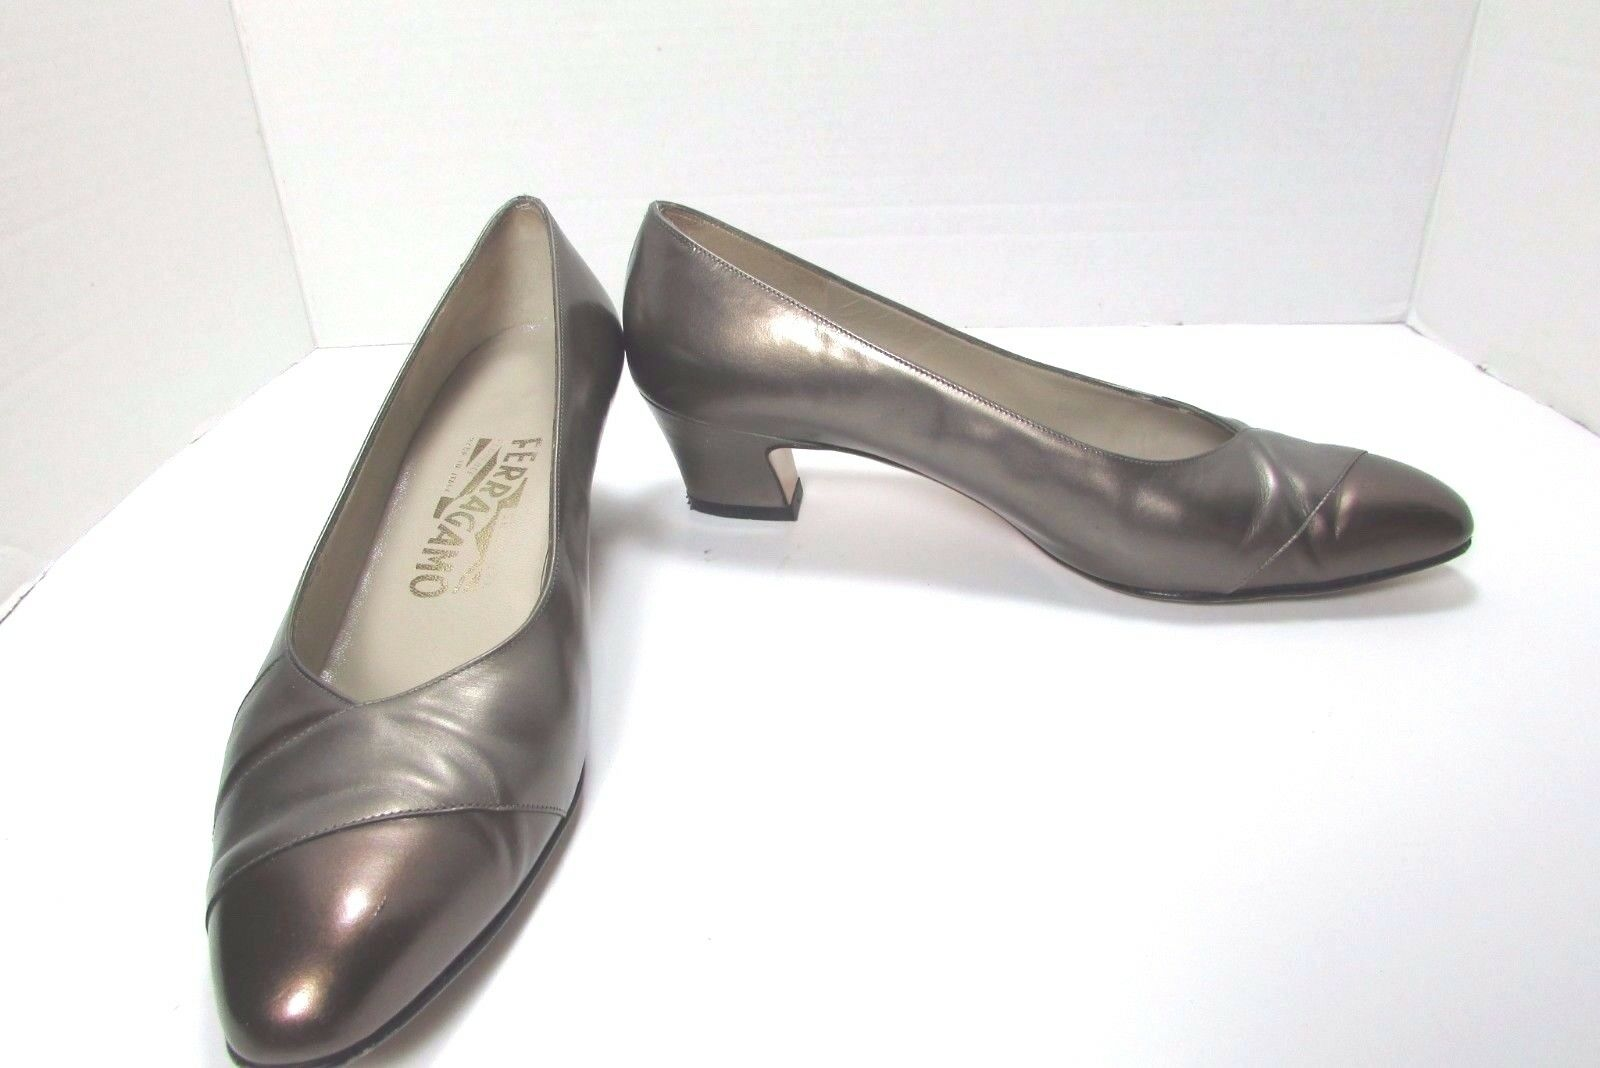 Para mujeres cuero de de de becerro Salvatore Ferragamo Marrón oro Vestido Zapatos tamaño nos 7 B  marca de lujo